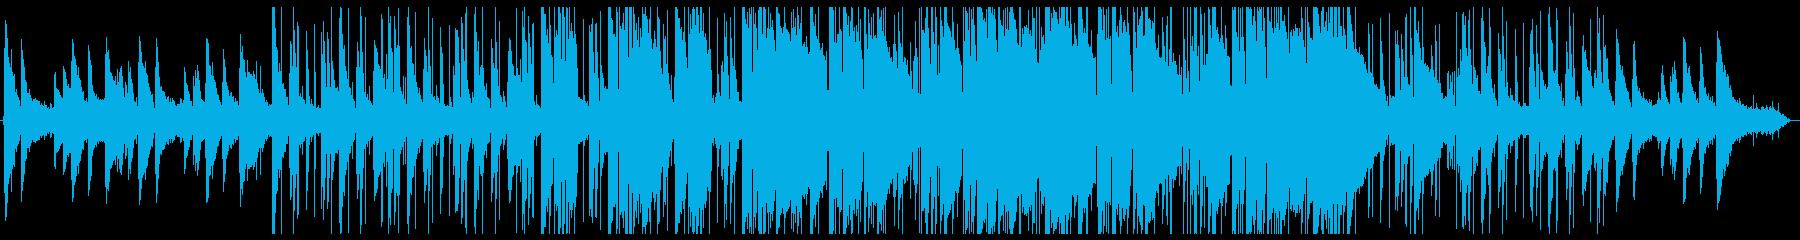 ナーバスなLo-fi Hiphop の再生済みの波形